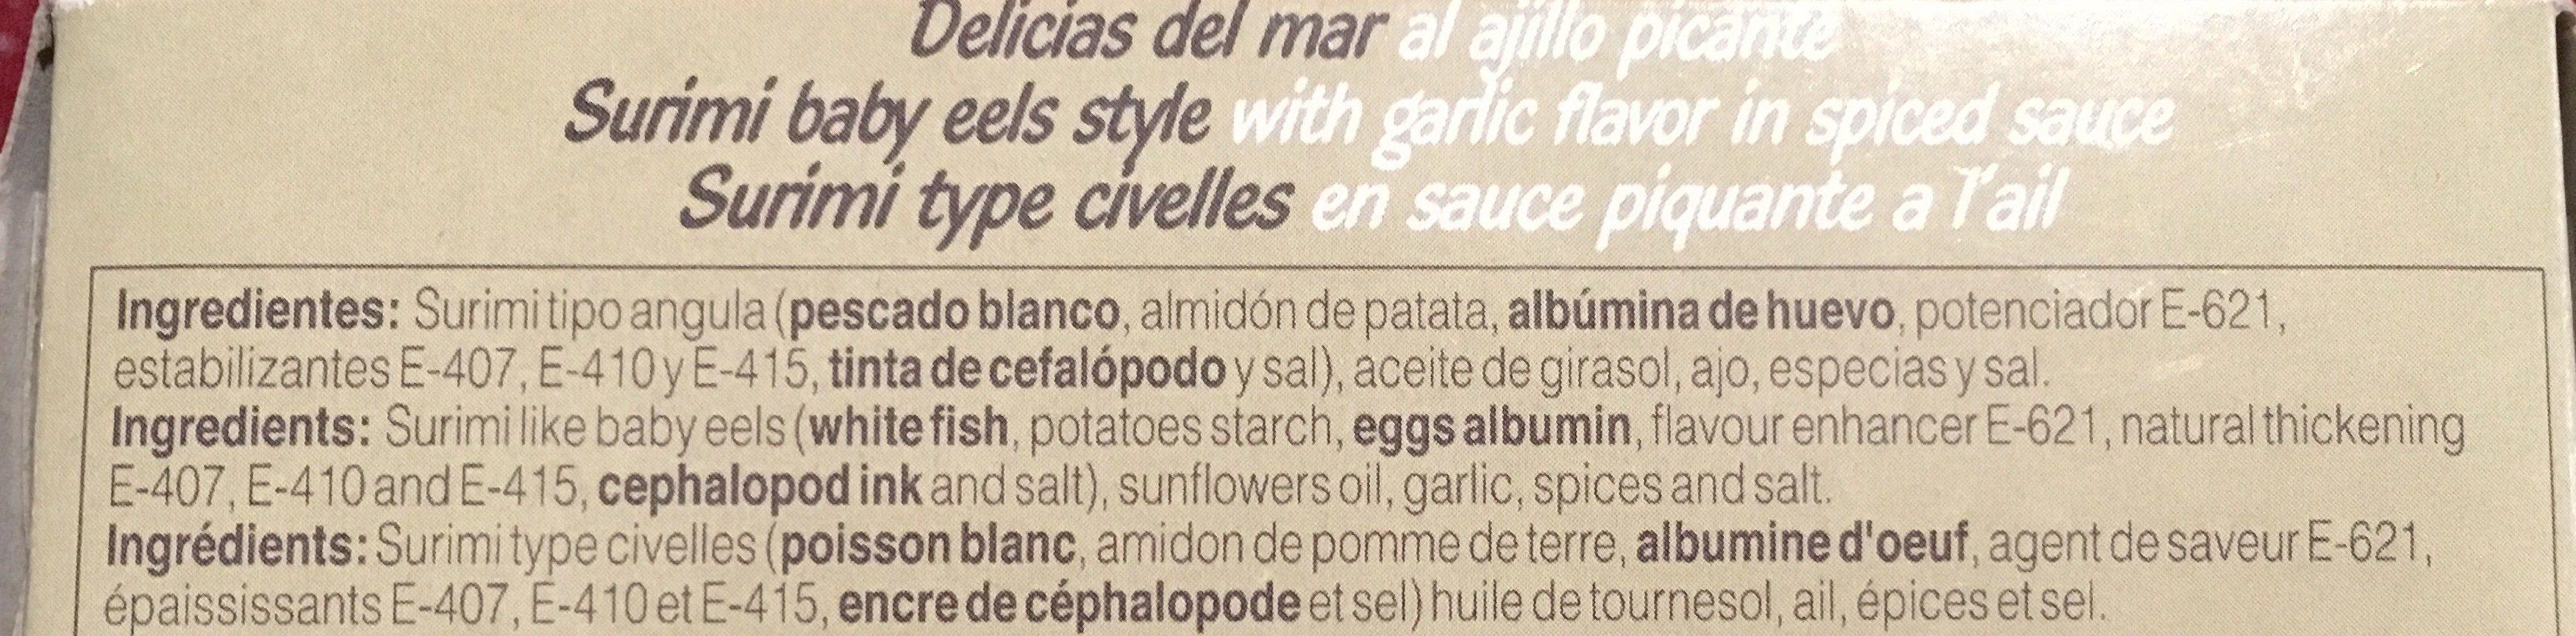 Delicias De Mar Al Ajillo Picante Paypay 115 GR - Ingredients